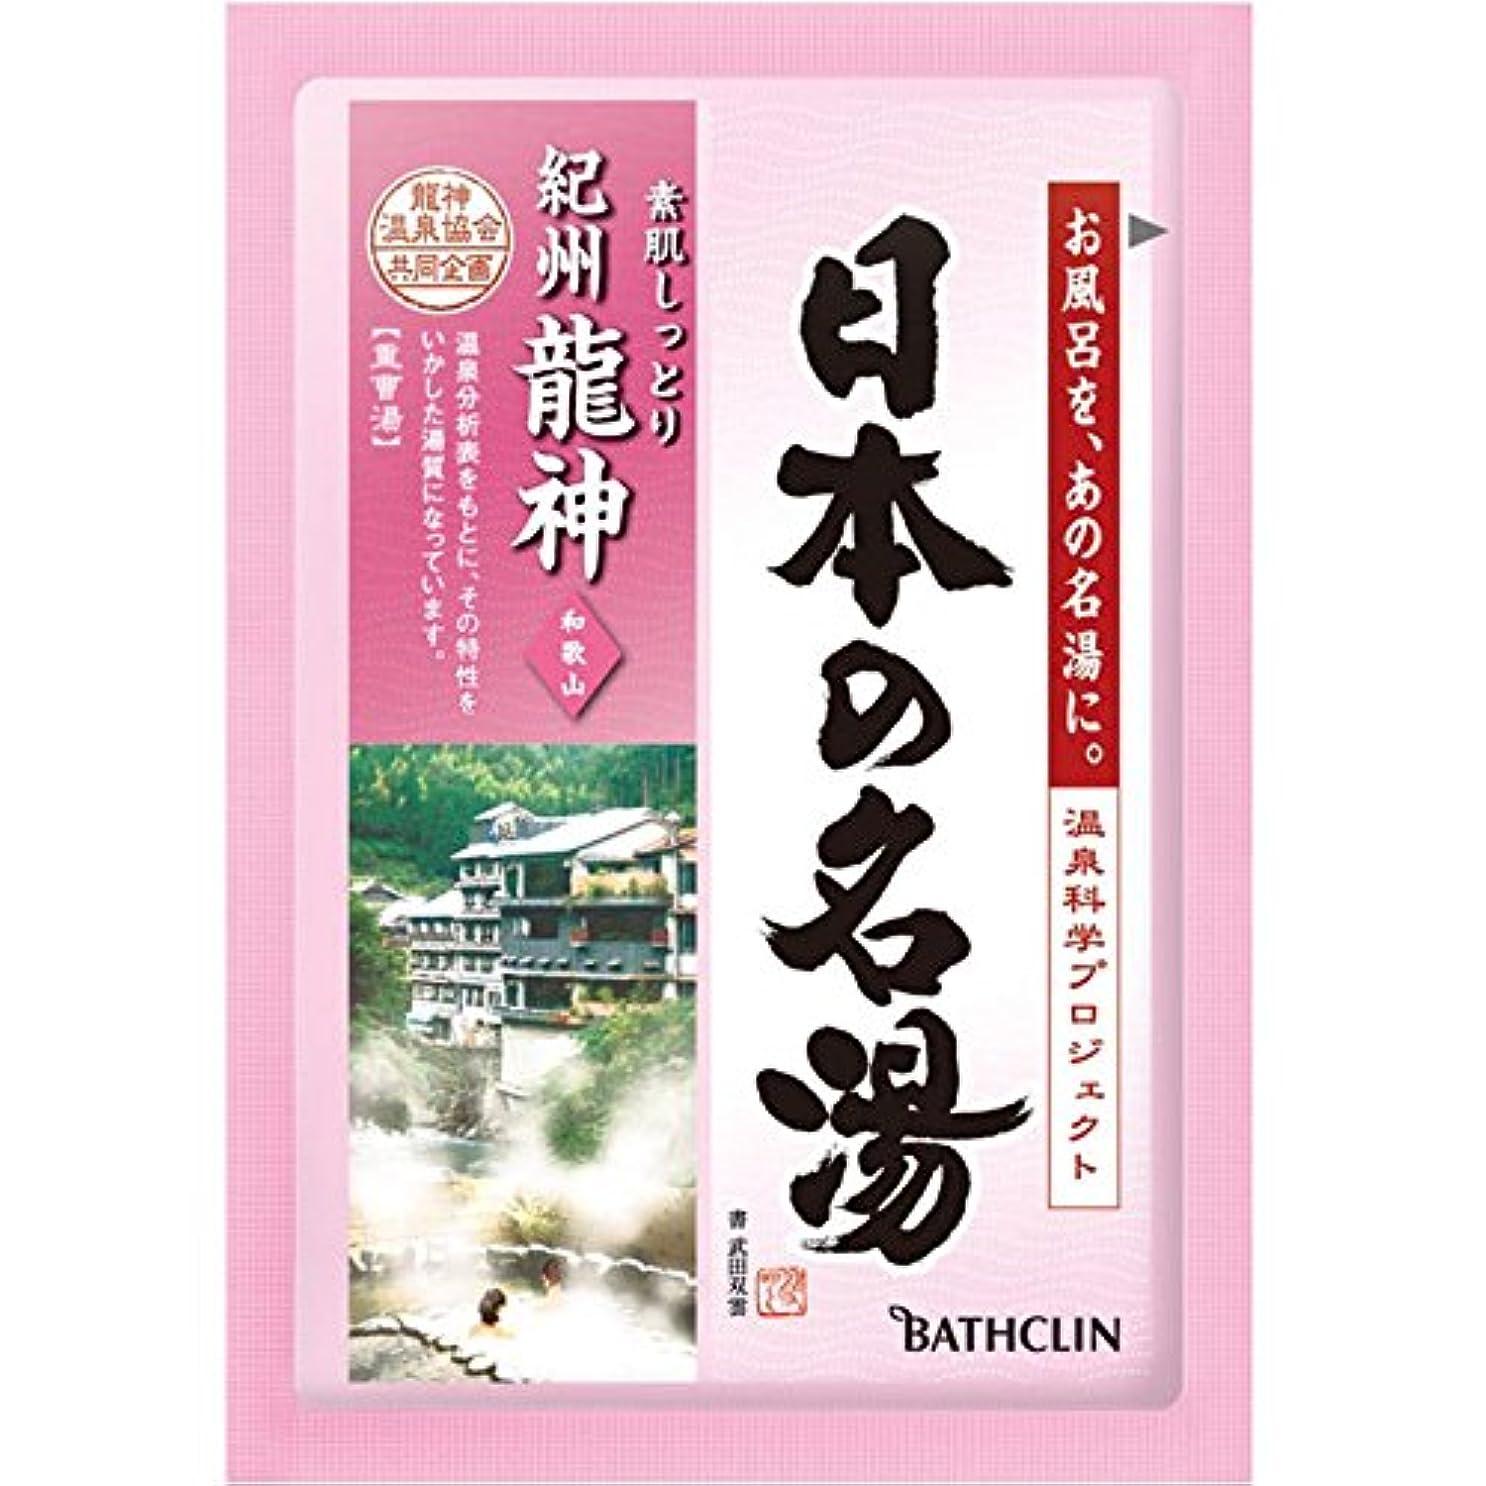 積極的にびっくりしたしないバスクリン 日本の名湯 紀州龍神 30g